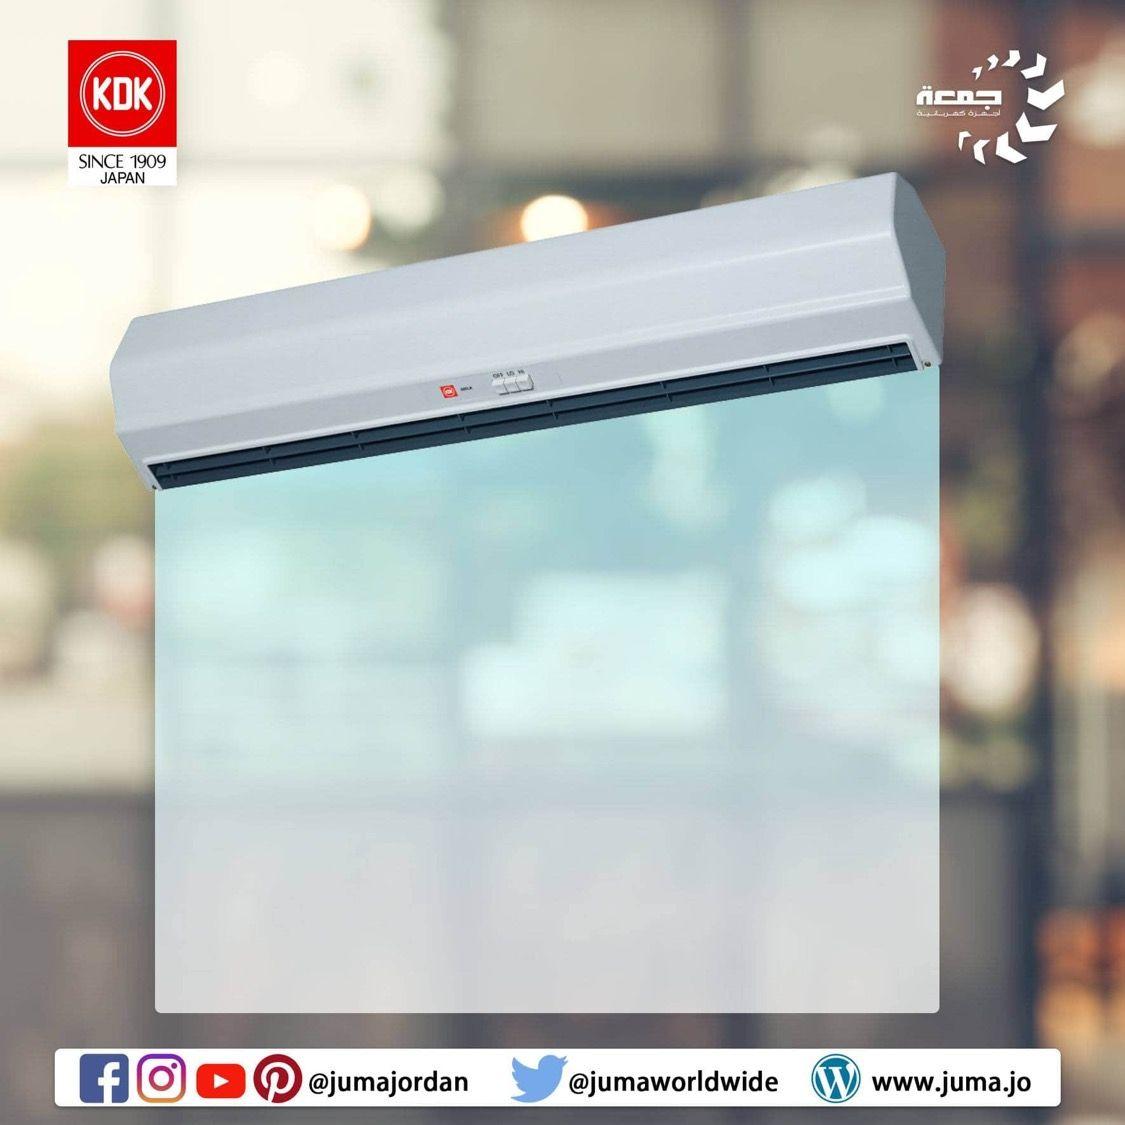 ستائر الهواء من Kdk إن أبواب المحلات التجارية تفتح بإستمرار لحركة الناس ولكن عند فتح الباب يتسرب الهوا Bose Soundlink Bose Soundlink Mini Bose Speaker